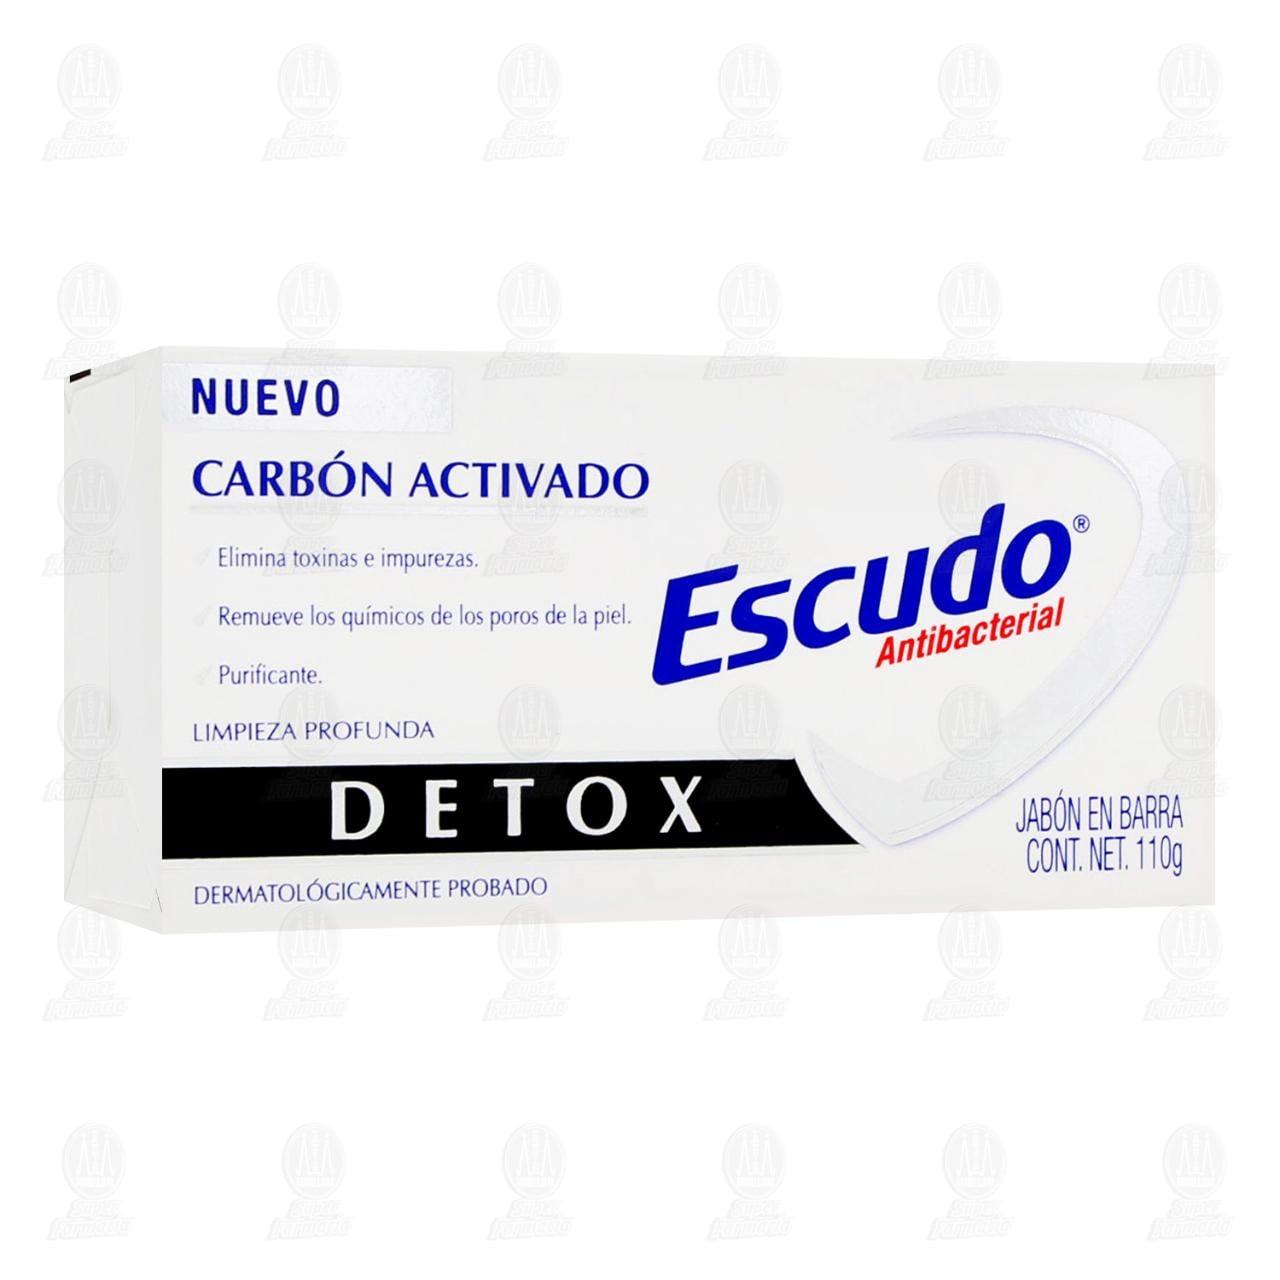 comprar https://www.movil.farmaciasguadalajara.com/wcsstore/FGCAS/wcs/products/1327810_A_1280_AL.jpg en farmacias guadalajara